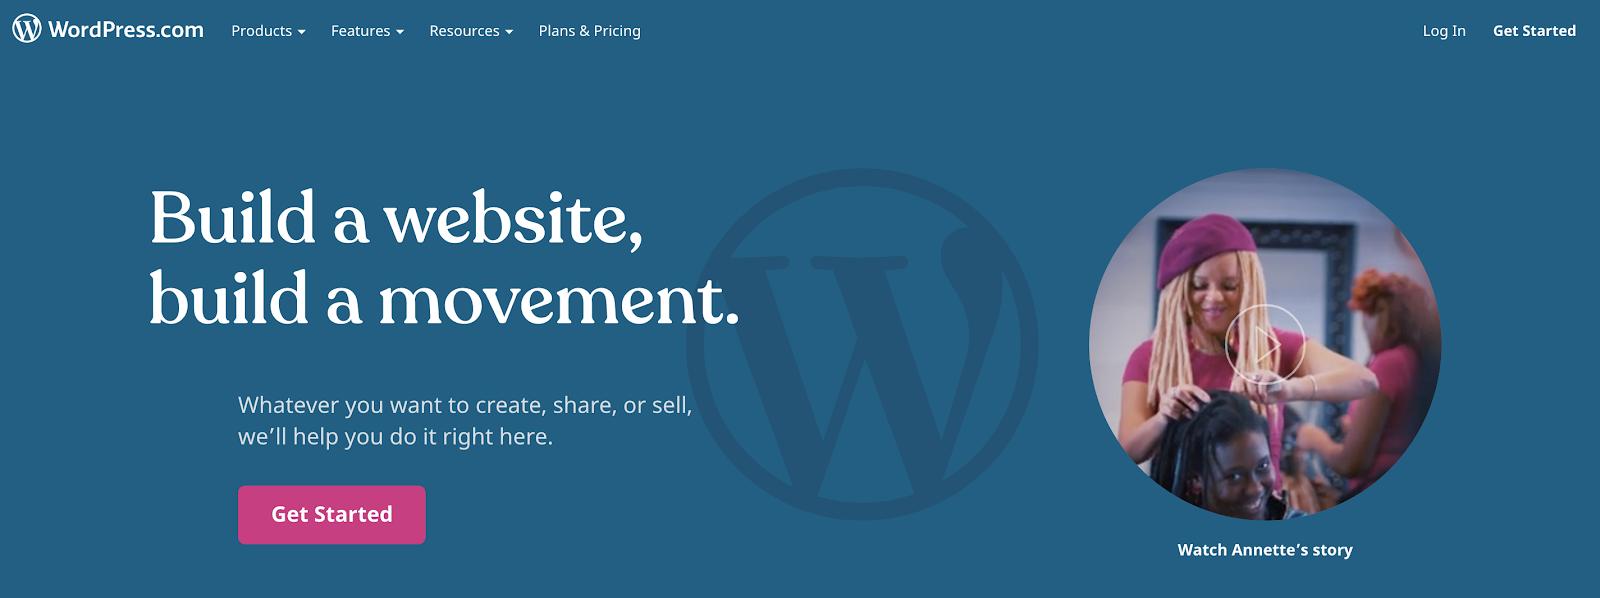 Diferencia entre WordPress.org y WordPress.com Captura de pantalla de la página de inicio